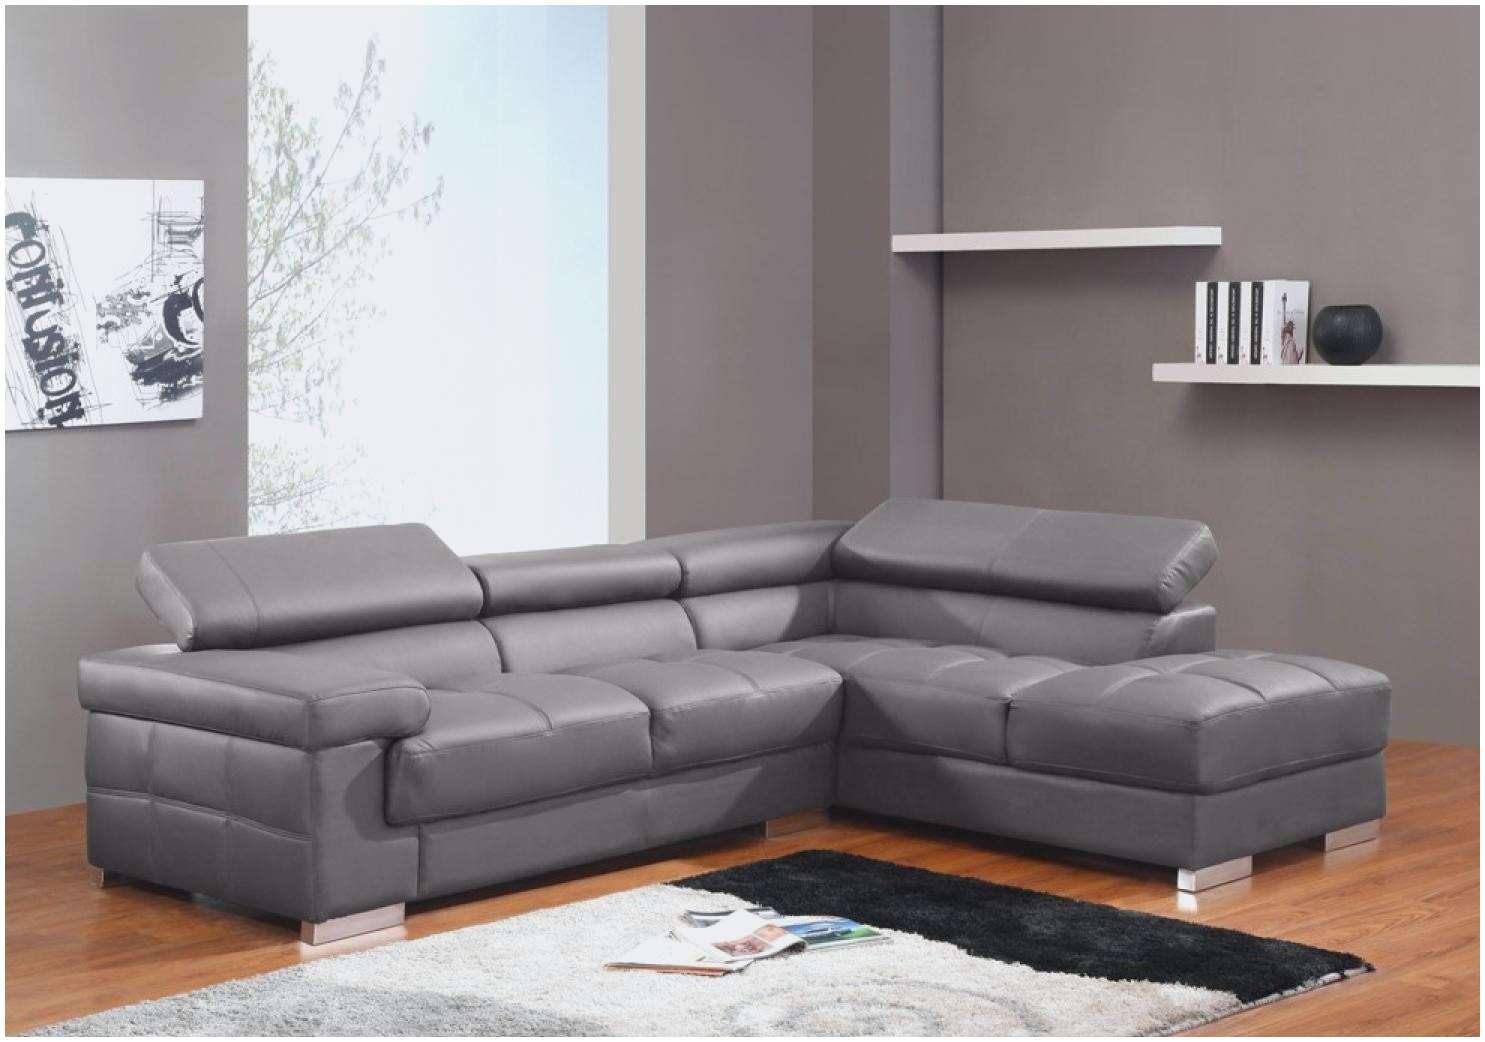 Canapé Lit Simili Cuir Génial Inspiré Unique Canapé Moderne Pas Cher Pour Choix Canapé Simili Cuir